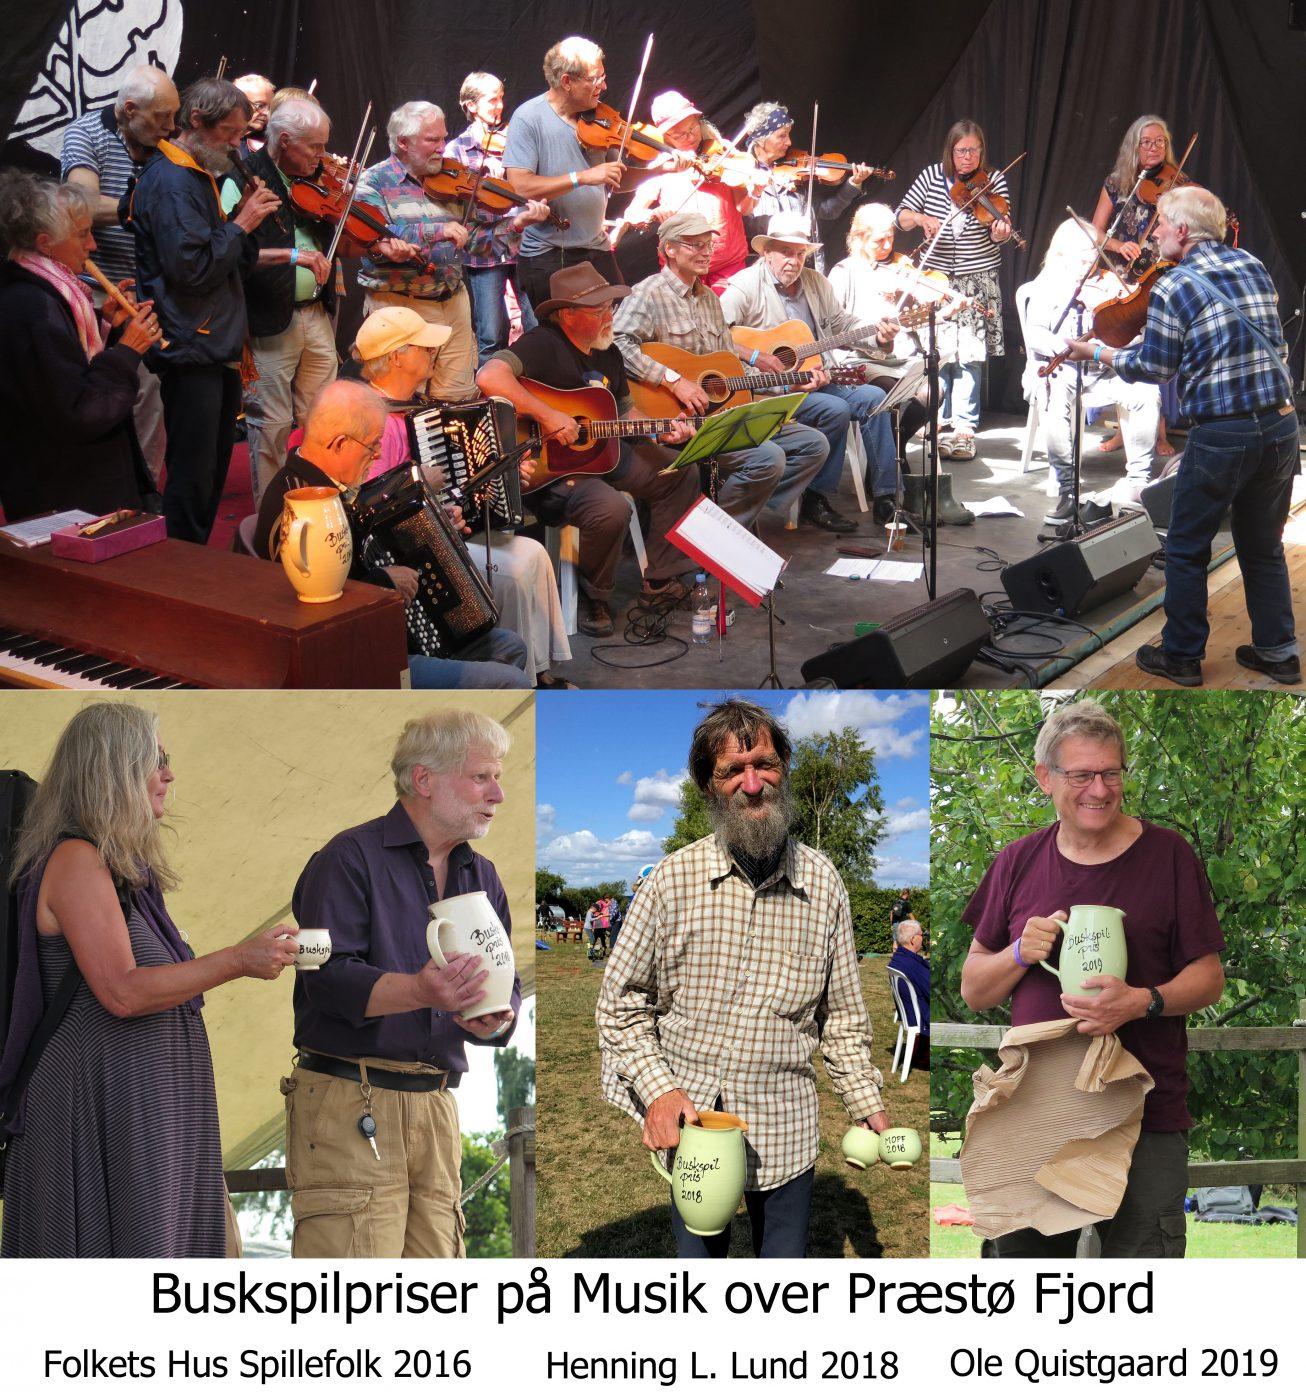 Buskspilpriser - MoPF